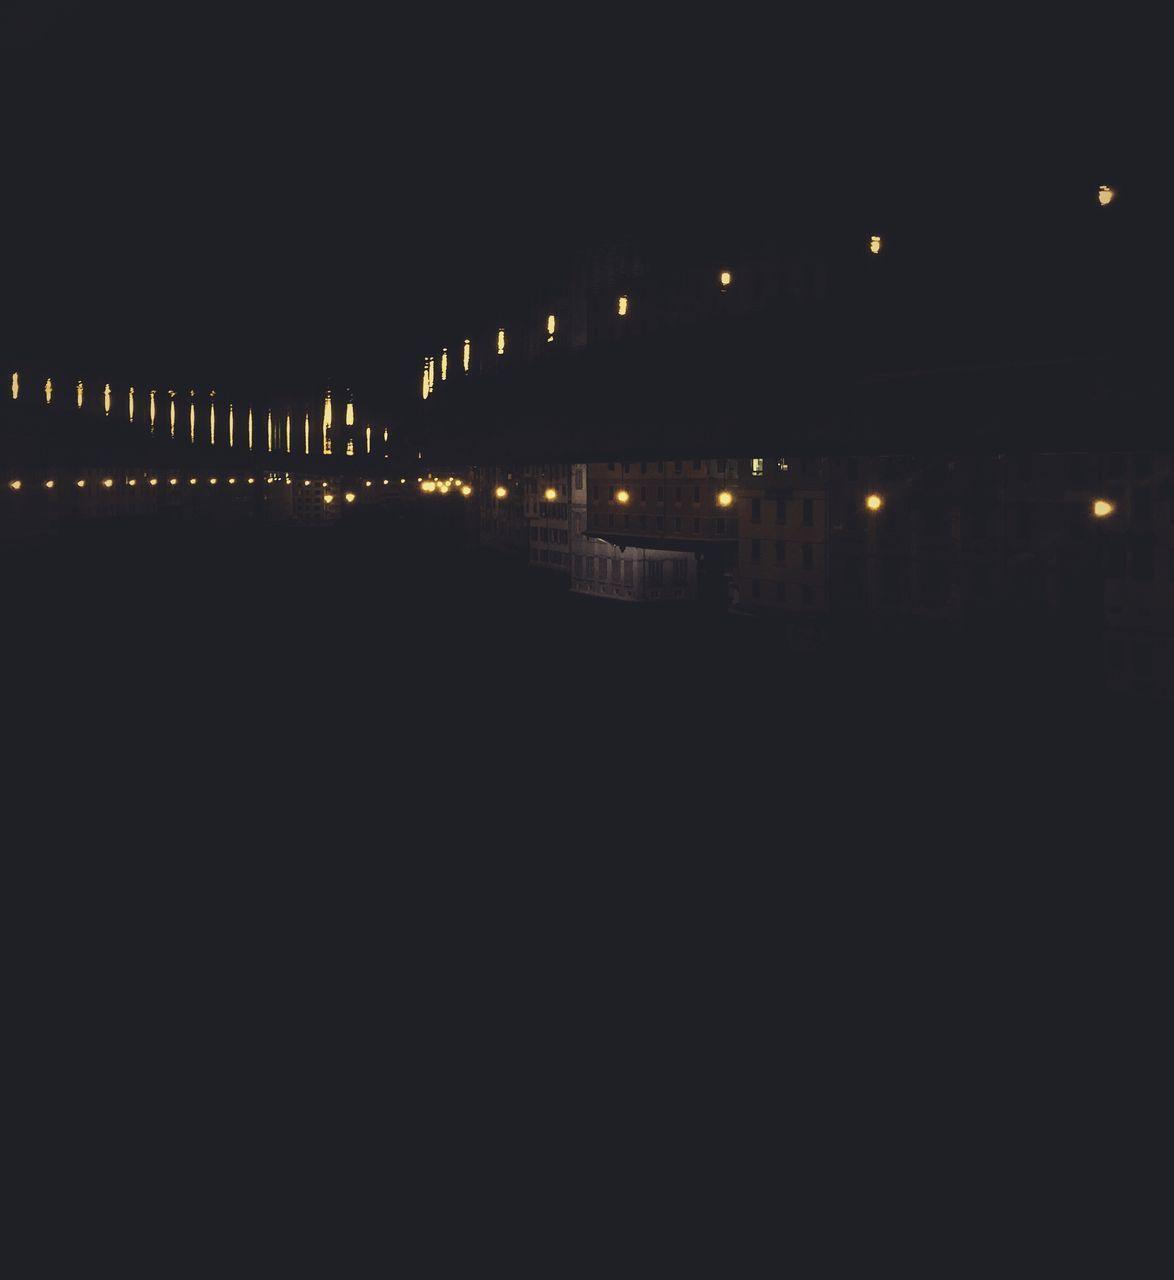 illuminated, night, no people, outdoors, sky, city, cityscape